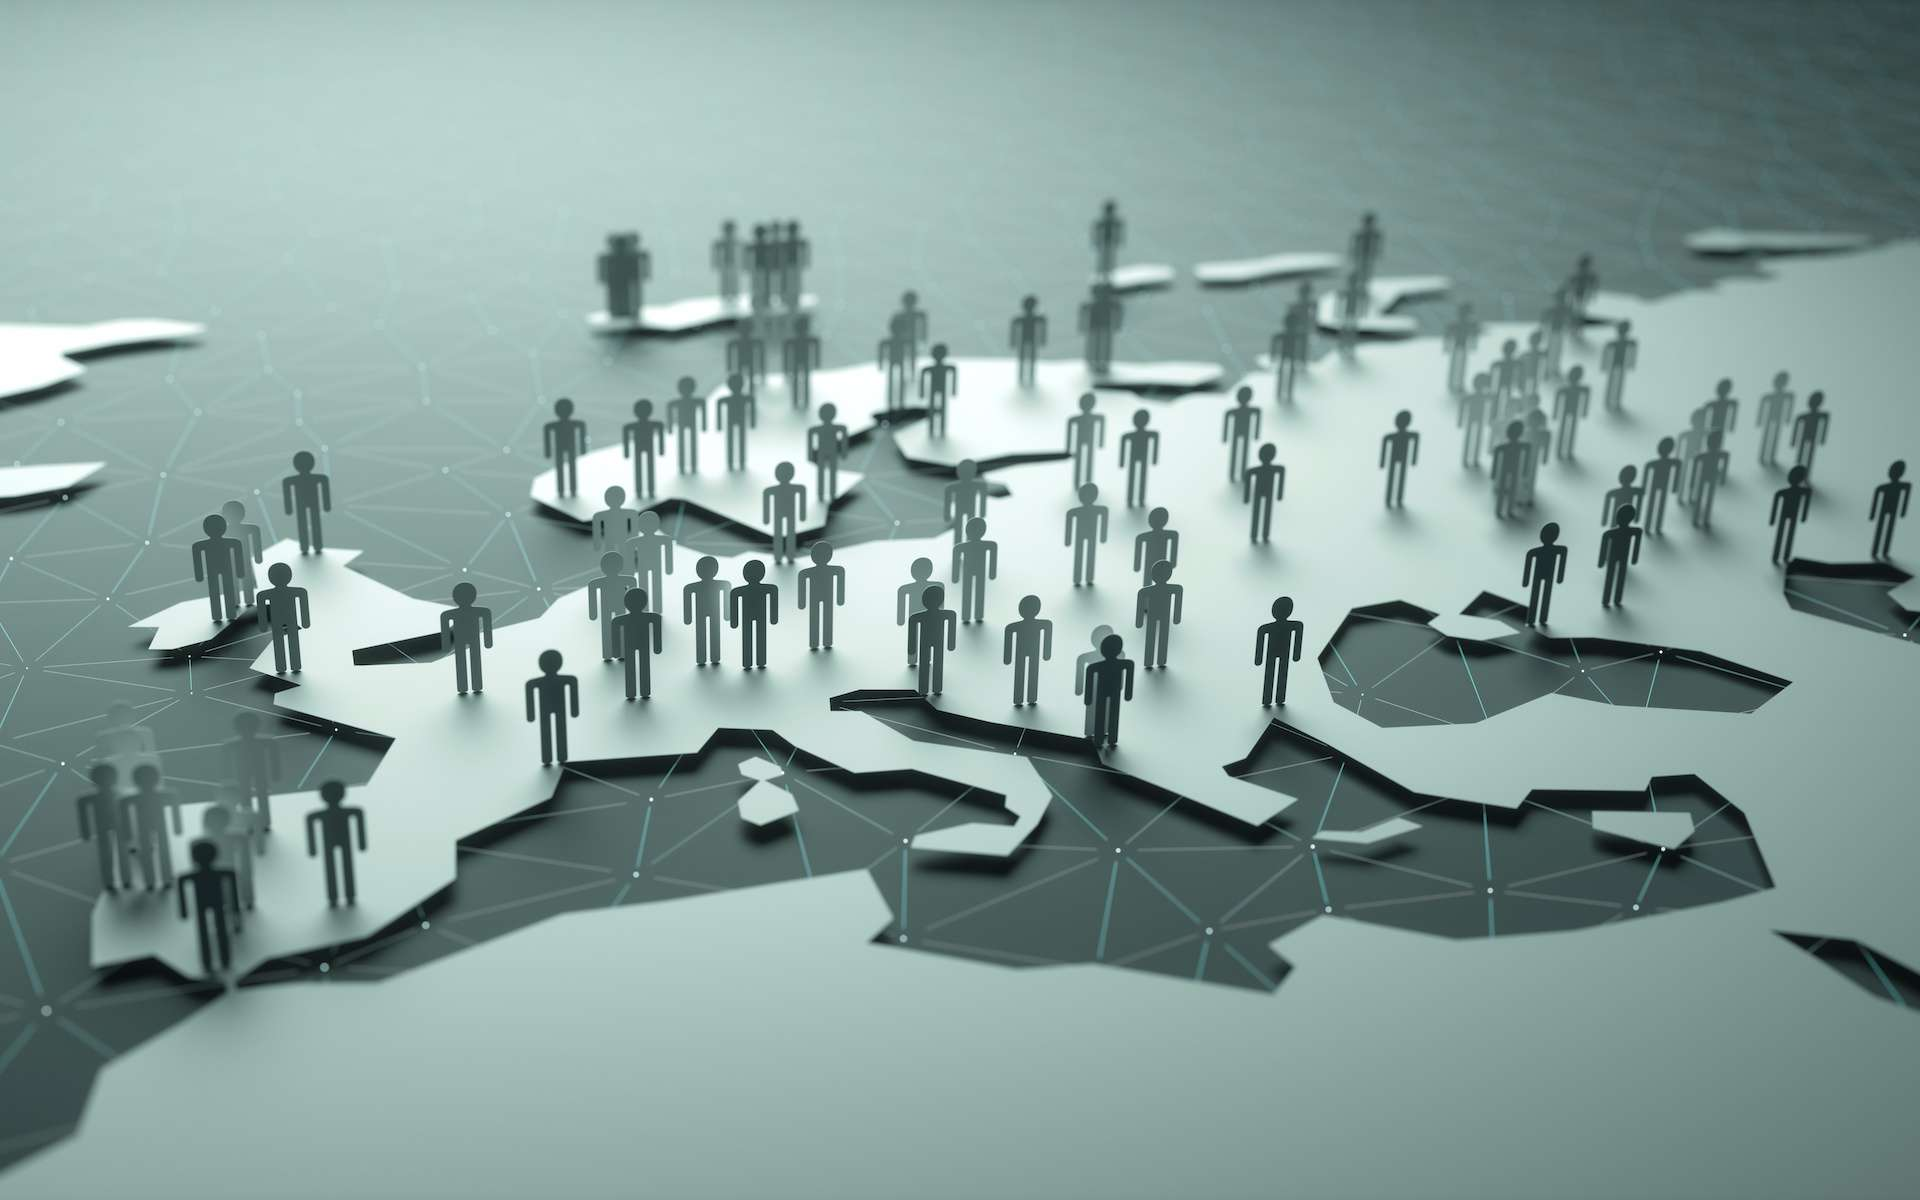 Il suffirait de 20 % de personnes contaminées à la Covid-19 pour enrayer l'épidémie. © ktsdesign, Adobe Stock